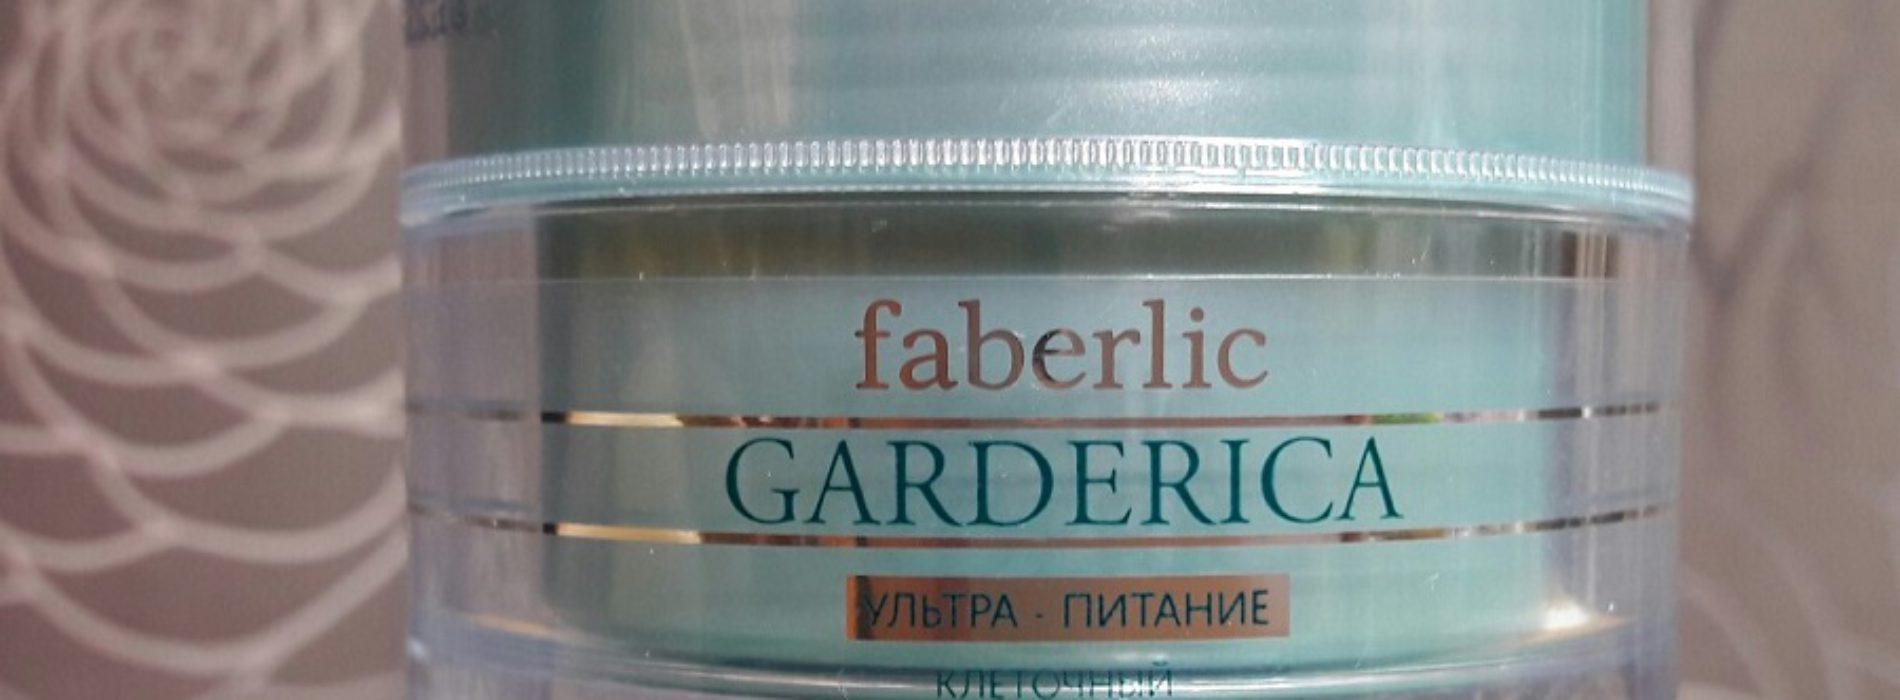 Клеточный дневной крем ультра-питание для сухой кожи серии GARDERICA